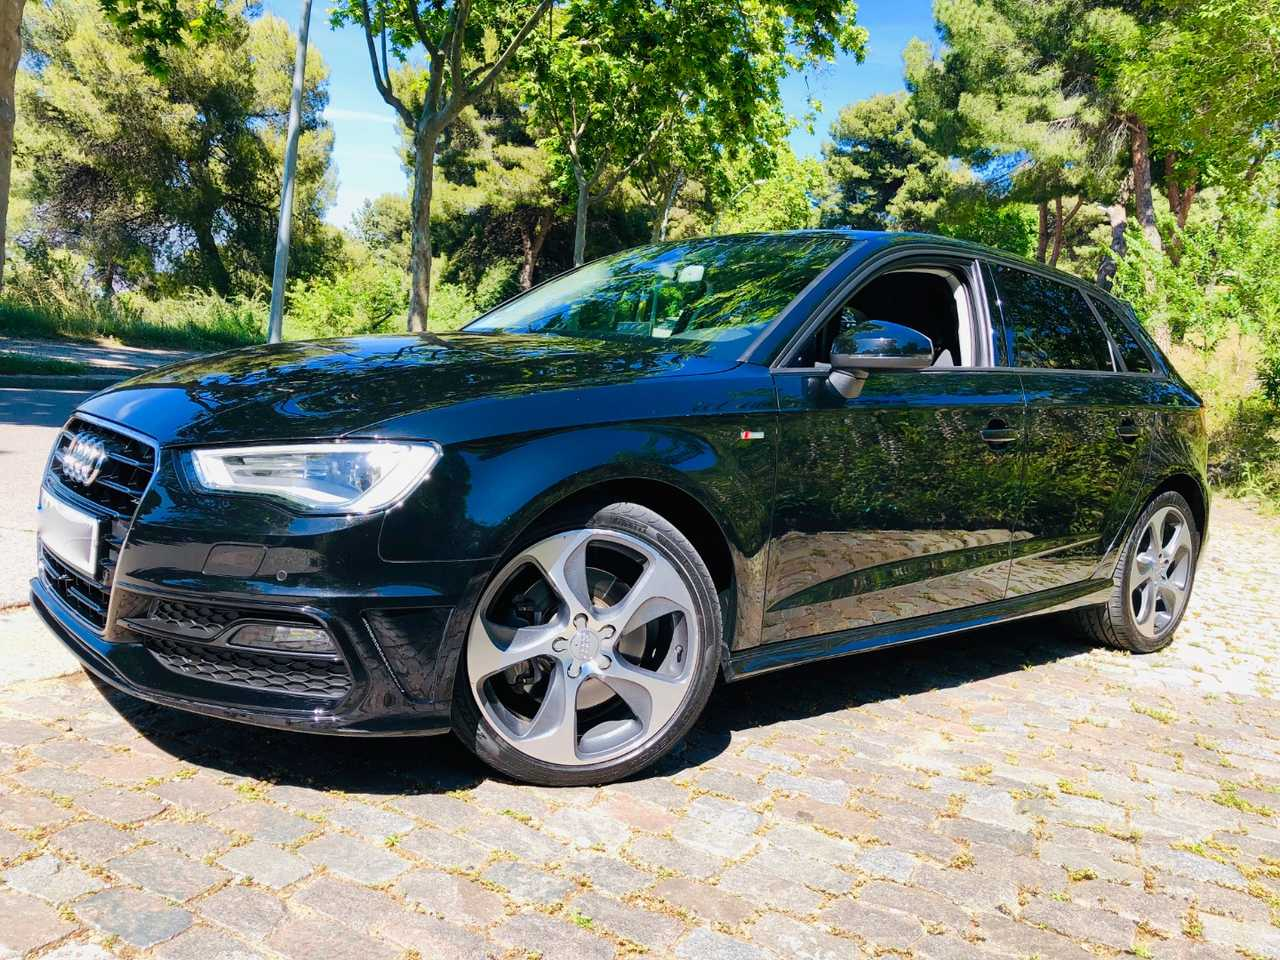 Audi A3 Sportback 2.0 TDI 184cv Quattro S-Tronic. Super coche.   - Foto 1